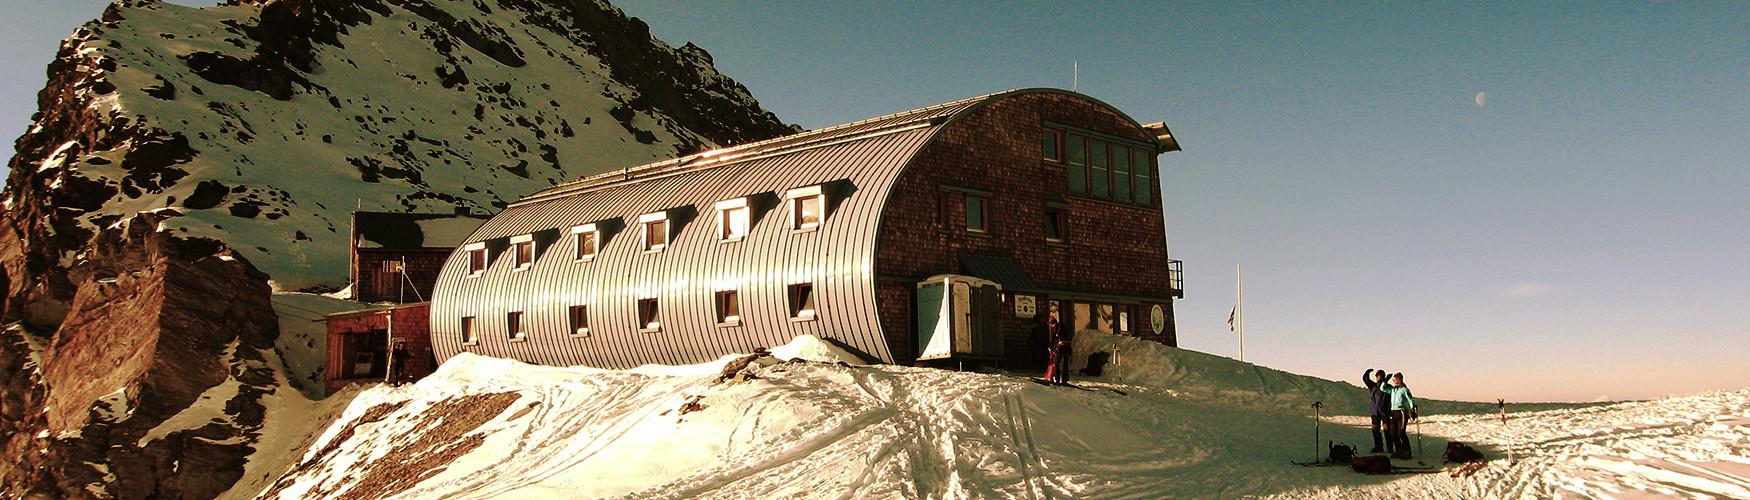 Skidurchquerung Tirol Österreich